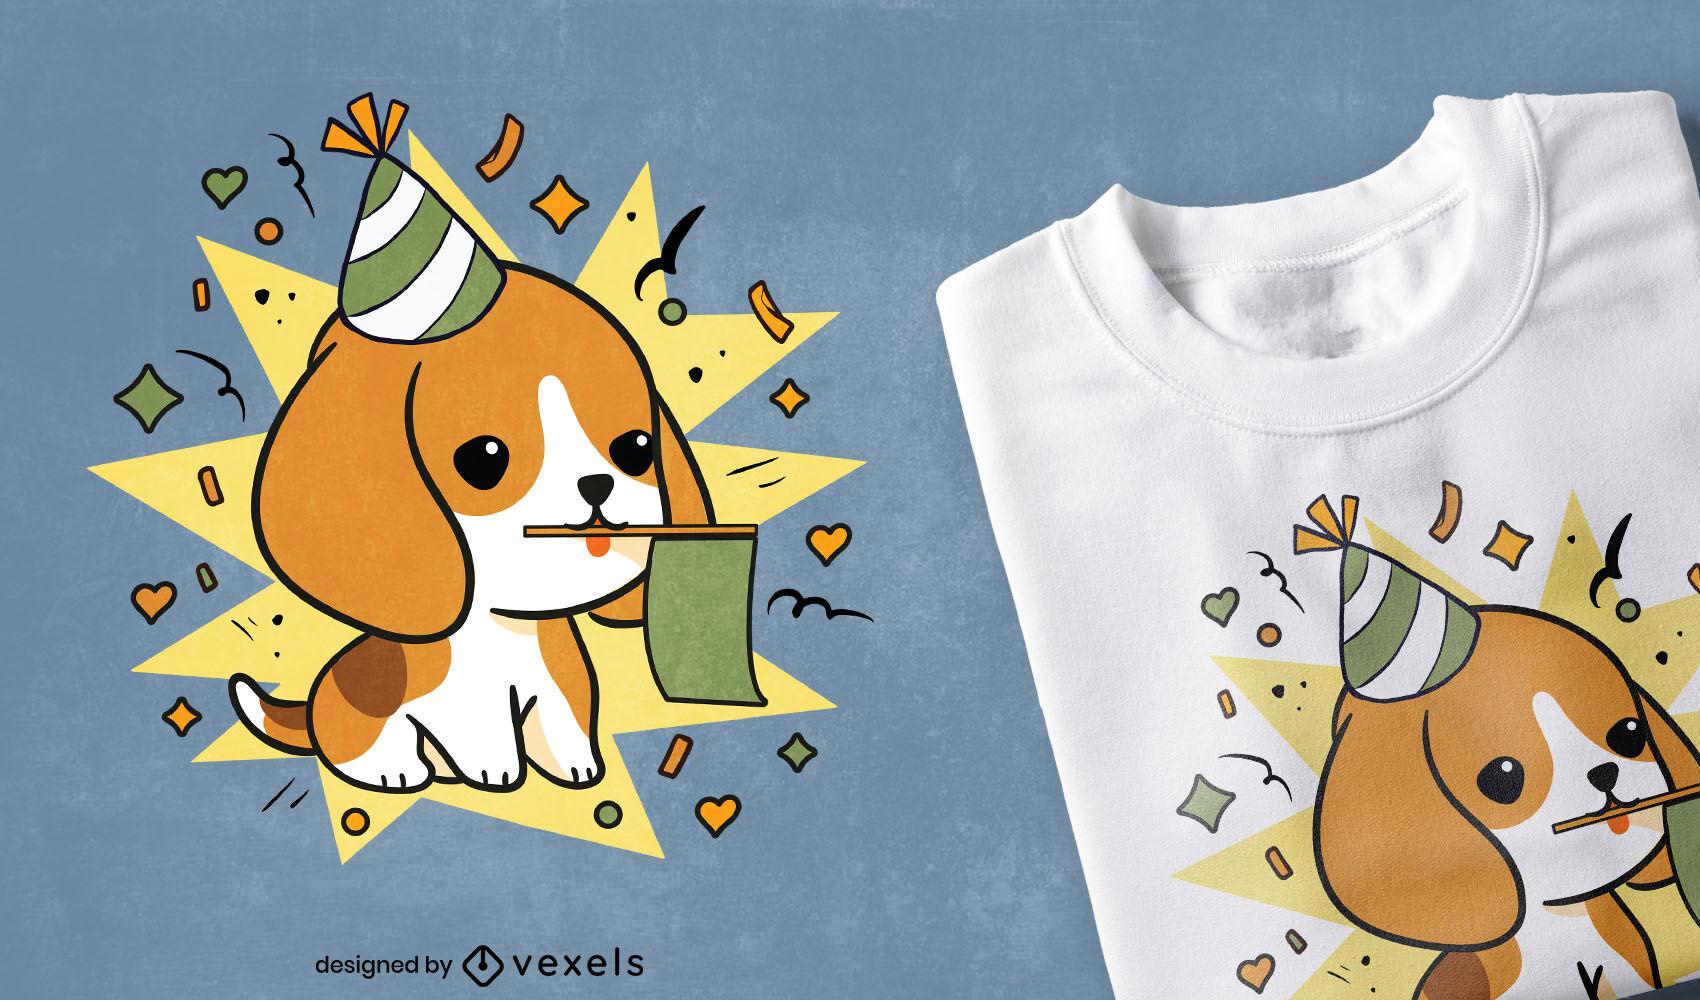 Lindo dise?o de camiseta de perro beagle celebrando